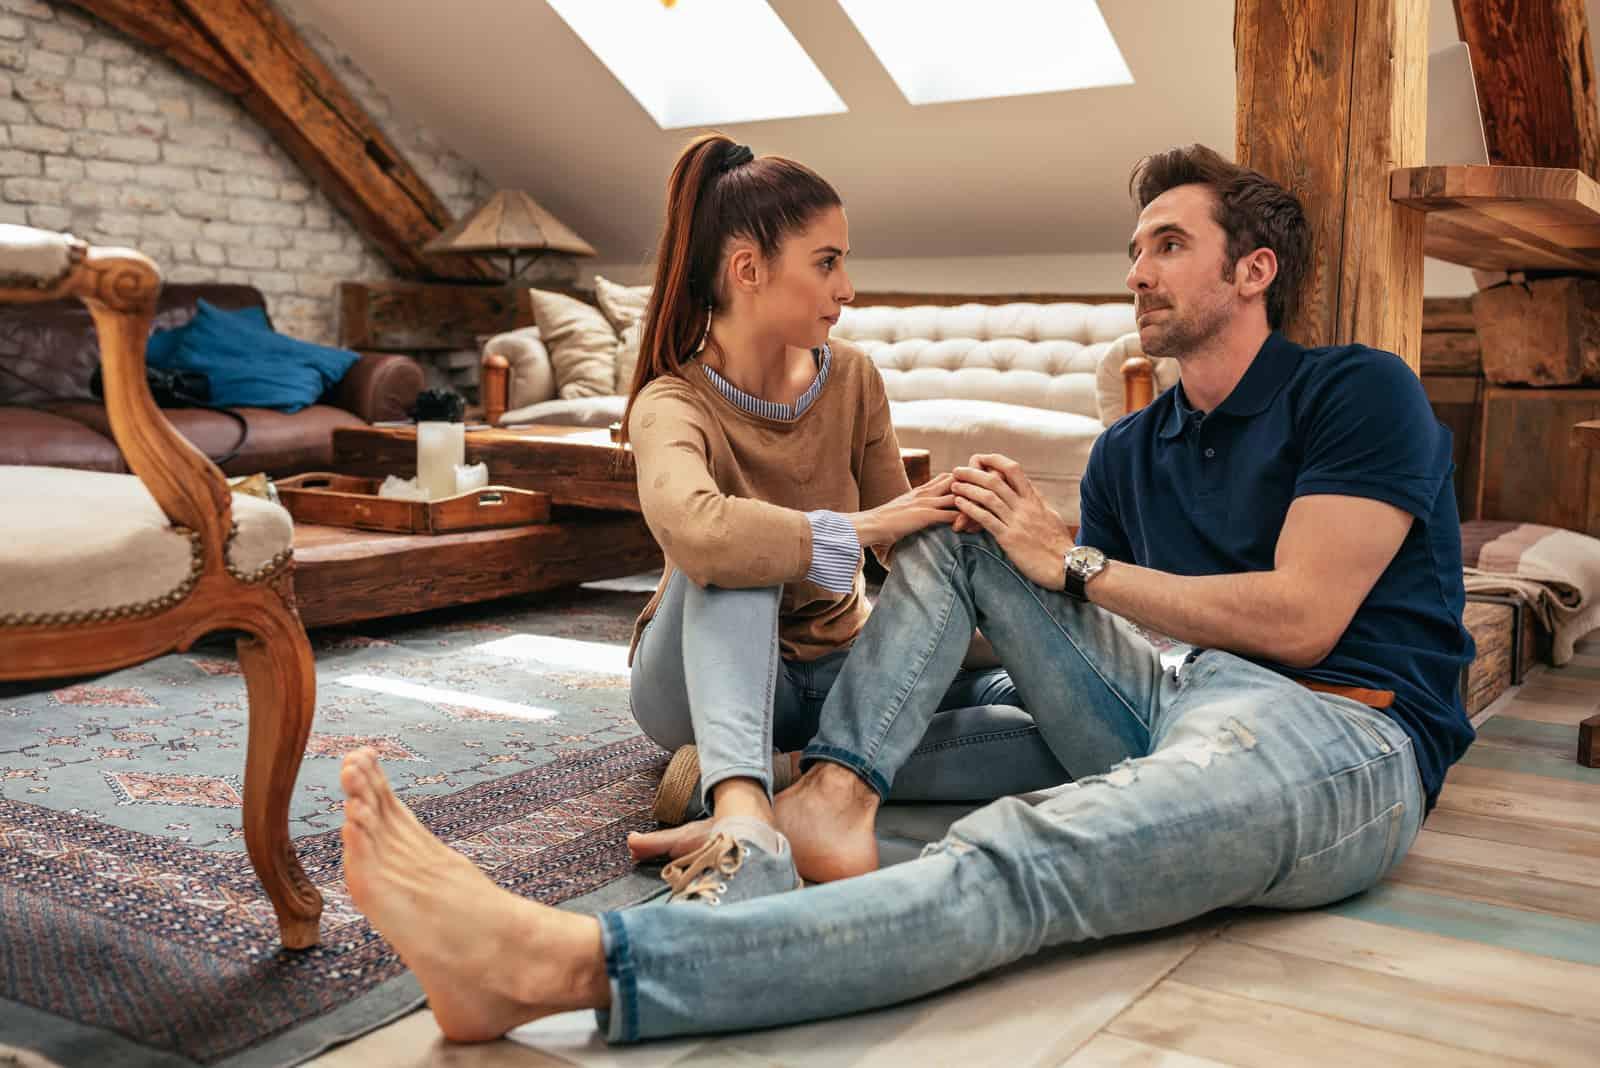 séduisant jeune couple conversation dans salle de séjour